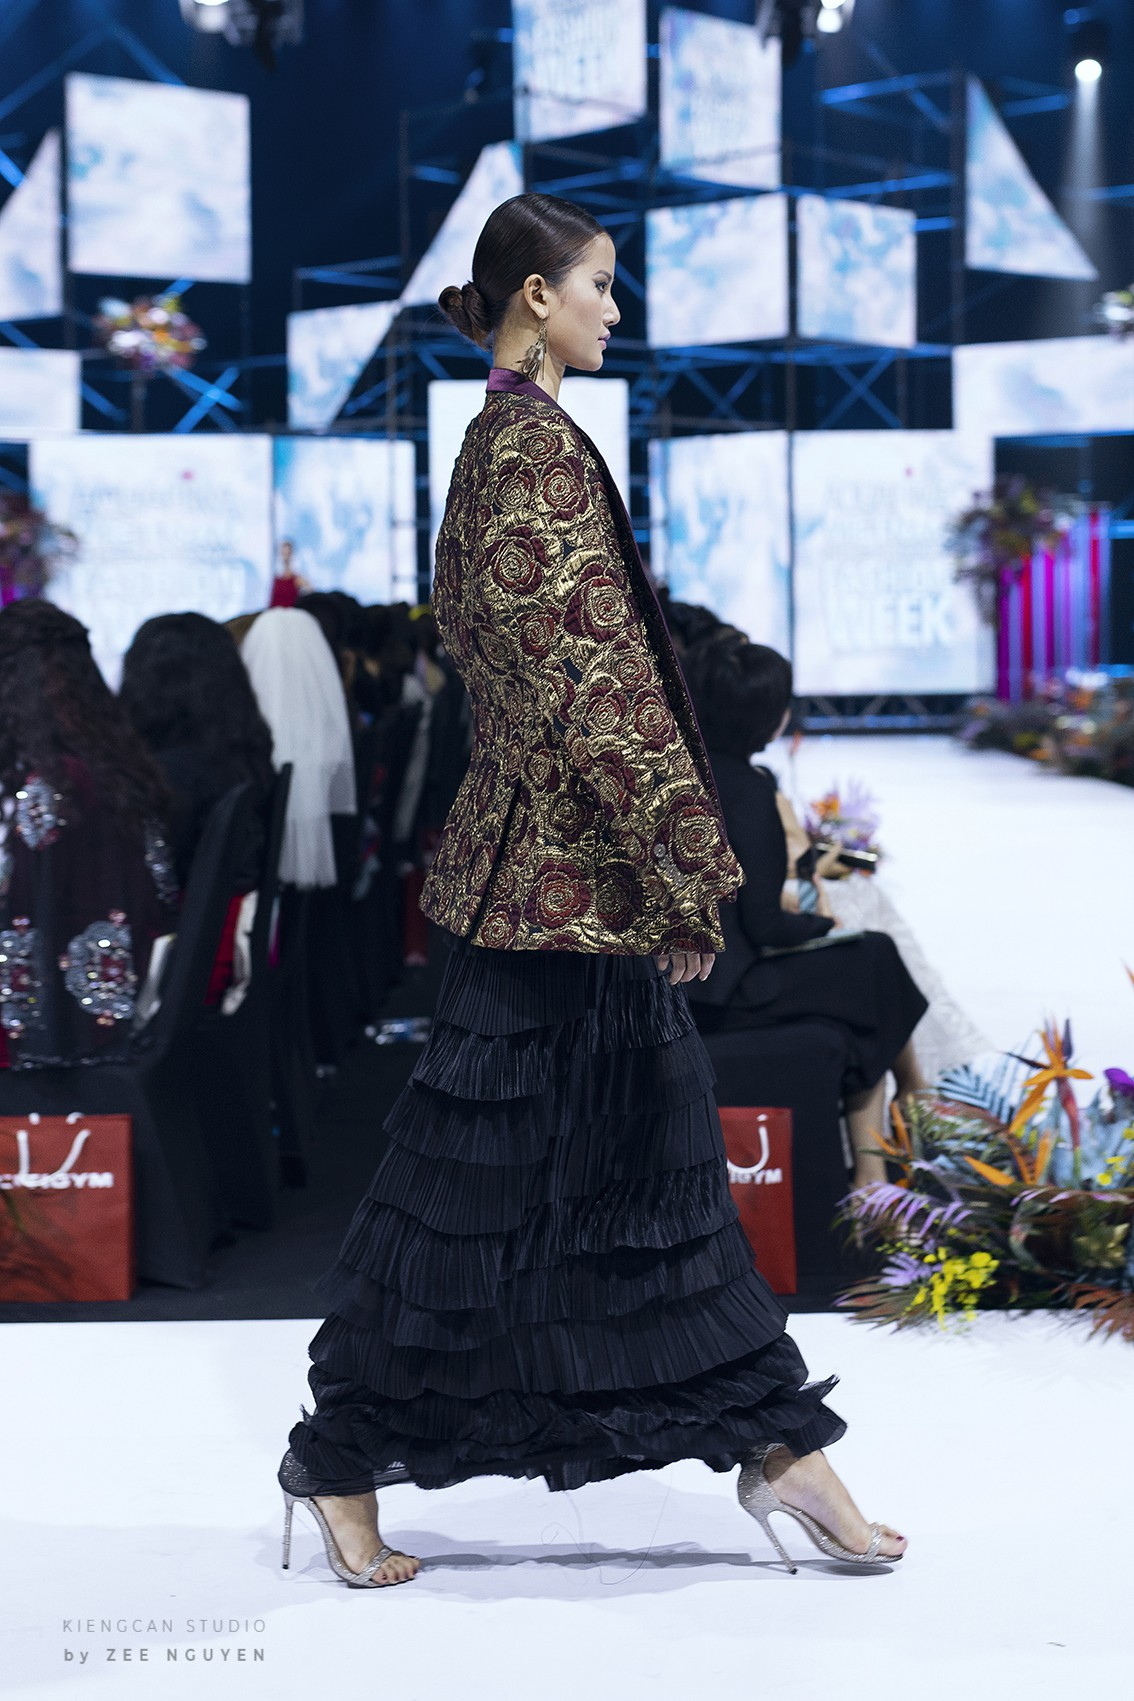 Tuần lễ thời trang: Trương Hồ Phương Nga bất ngờ làm vedette nhưng gây trầm trồ nhất chính là nhan sắc nghiêng nước nghiêng thành - Ảnh 9.